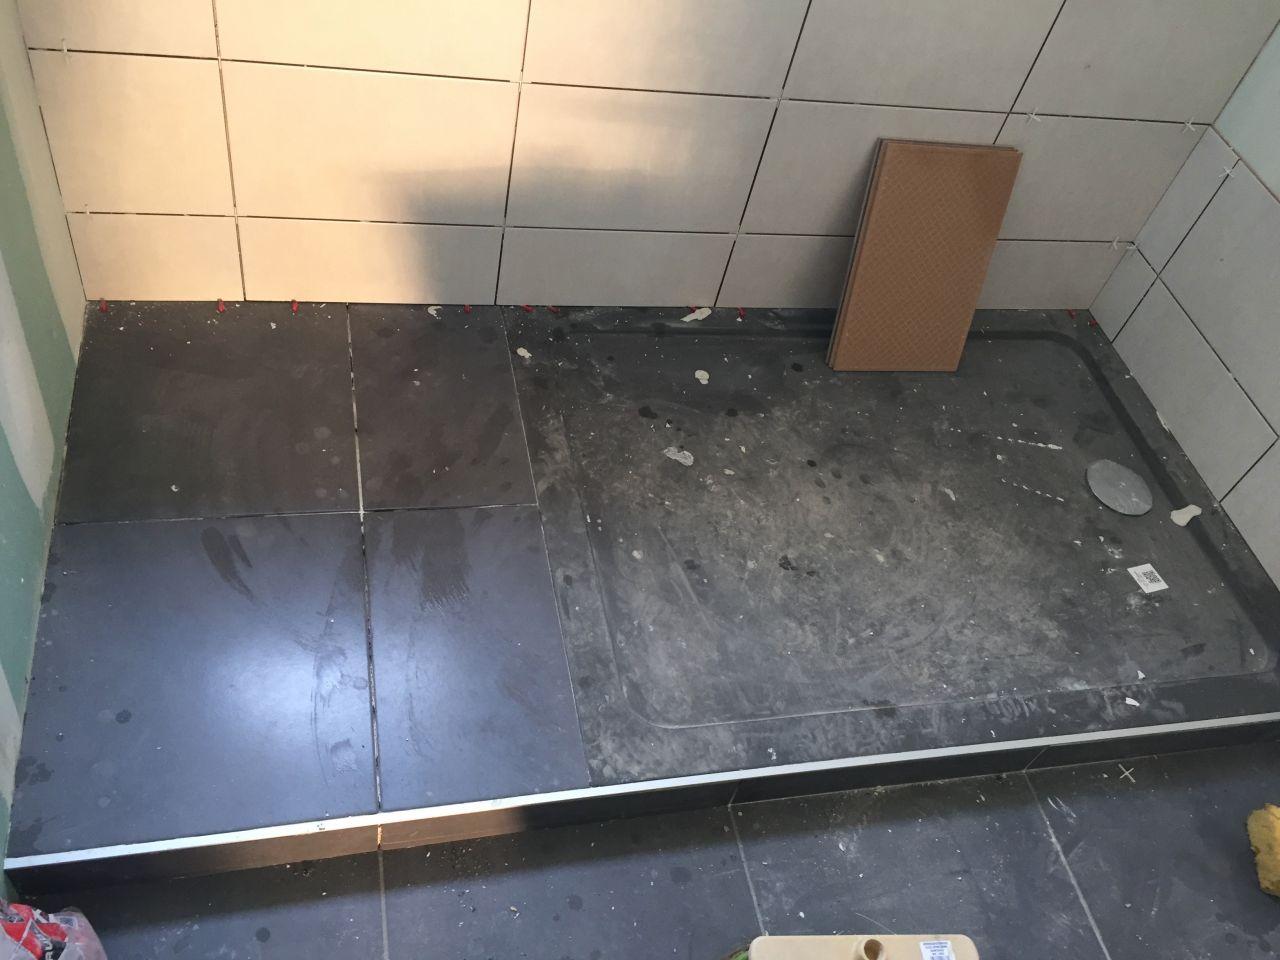 Bac à douche extra plat intégré dans le carrelage